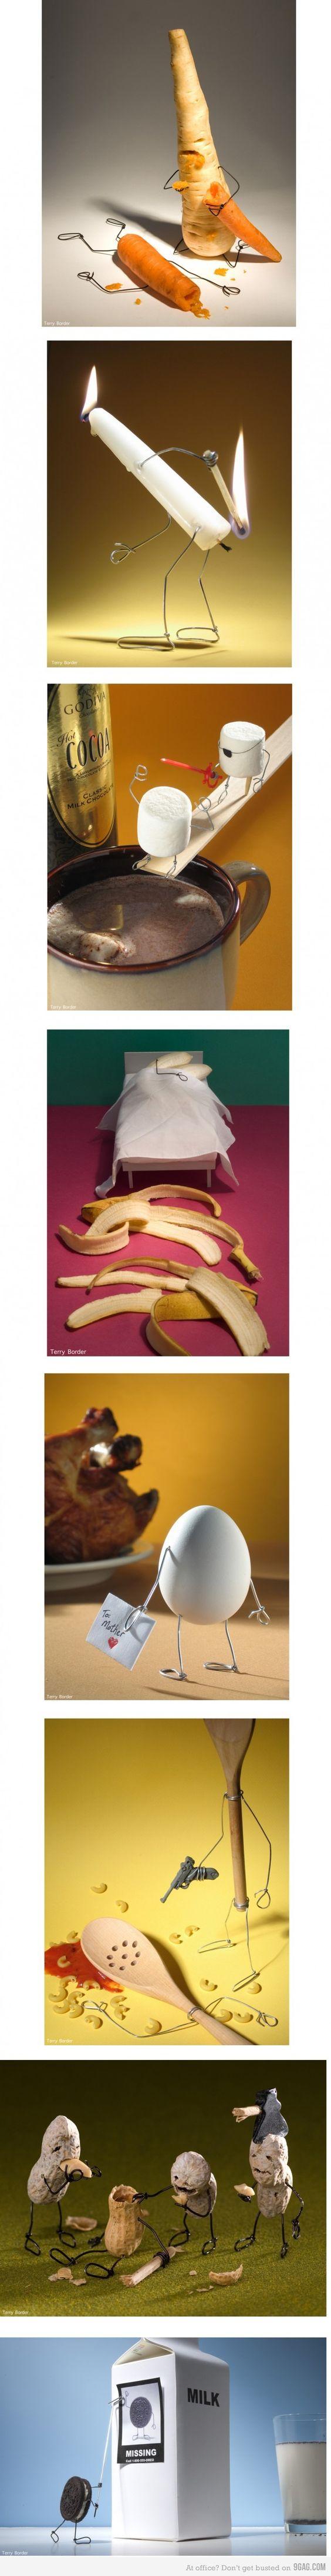 Das ist warum Bananen sind gekrümmt...